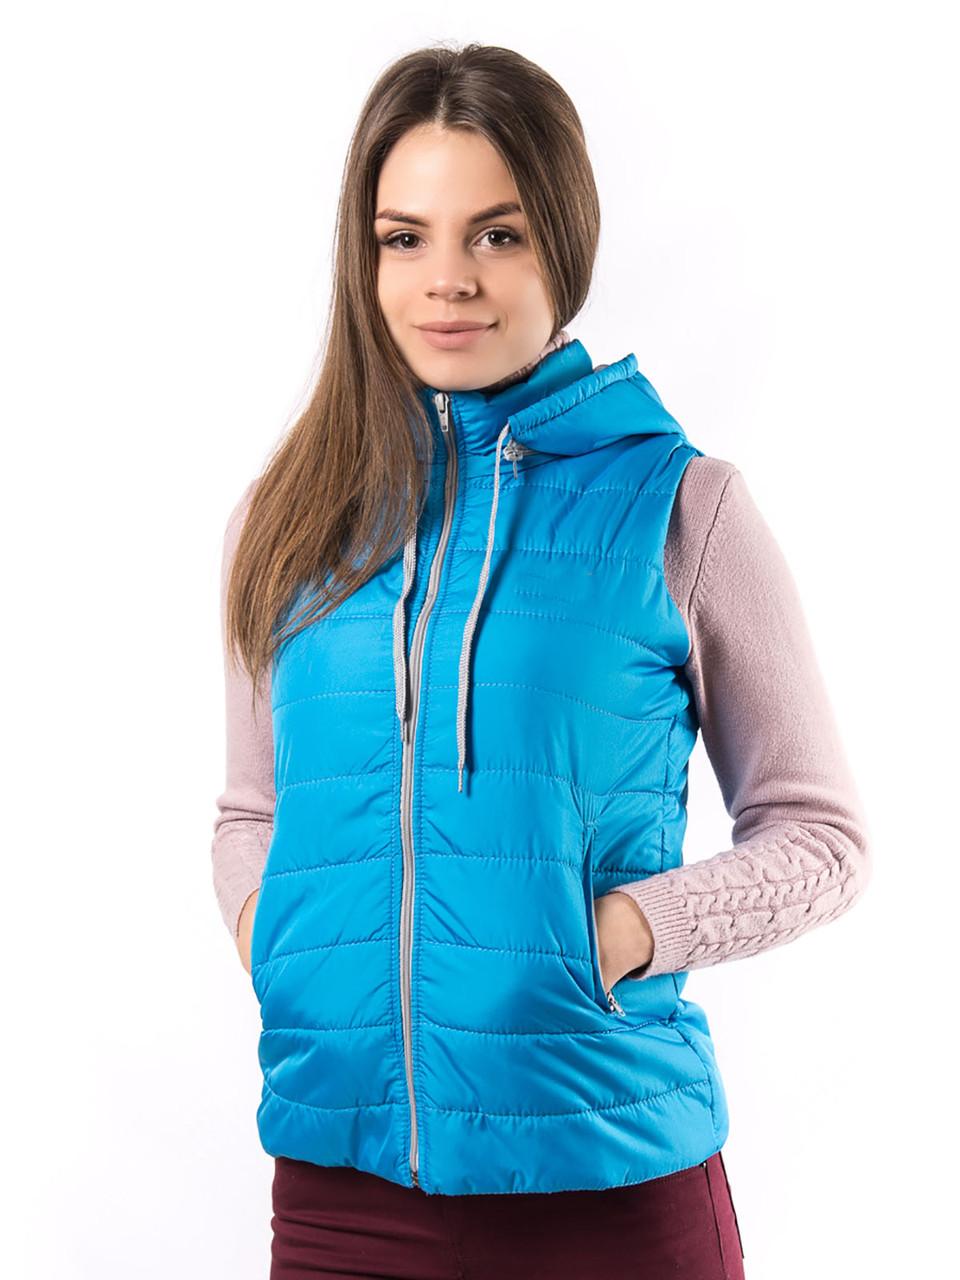 Жилетка жіноча блакитна виробництво Україна від виробника нові моделі D123